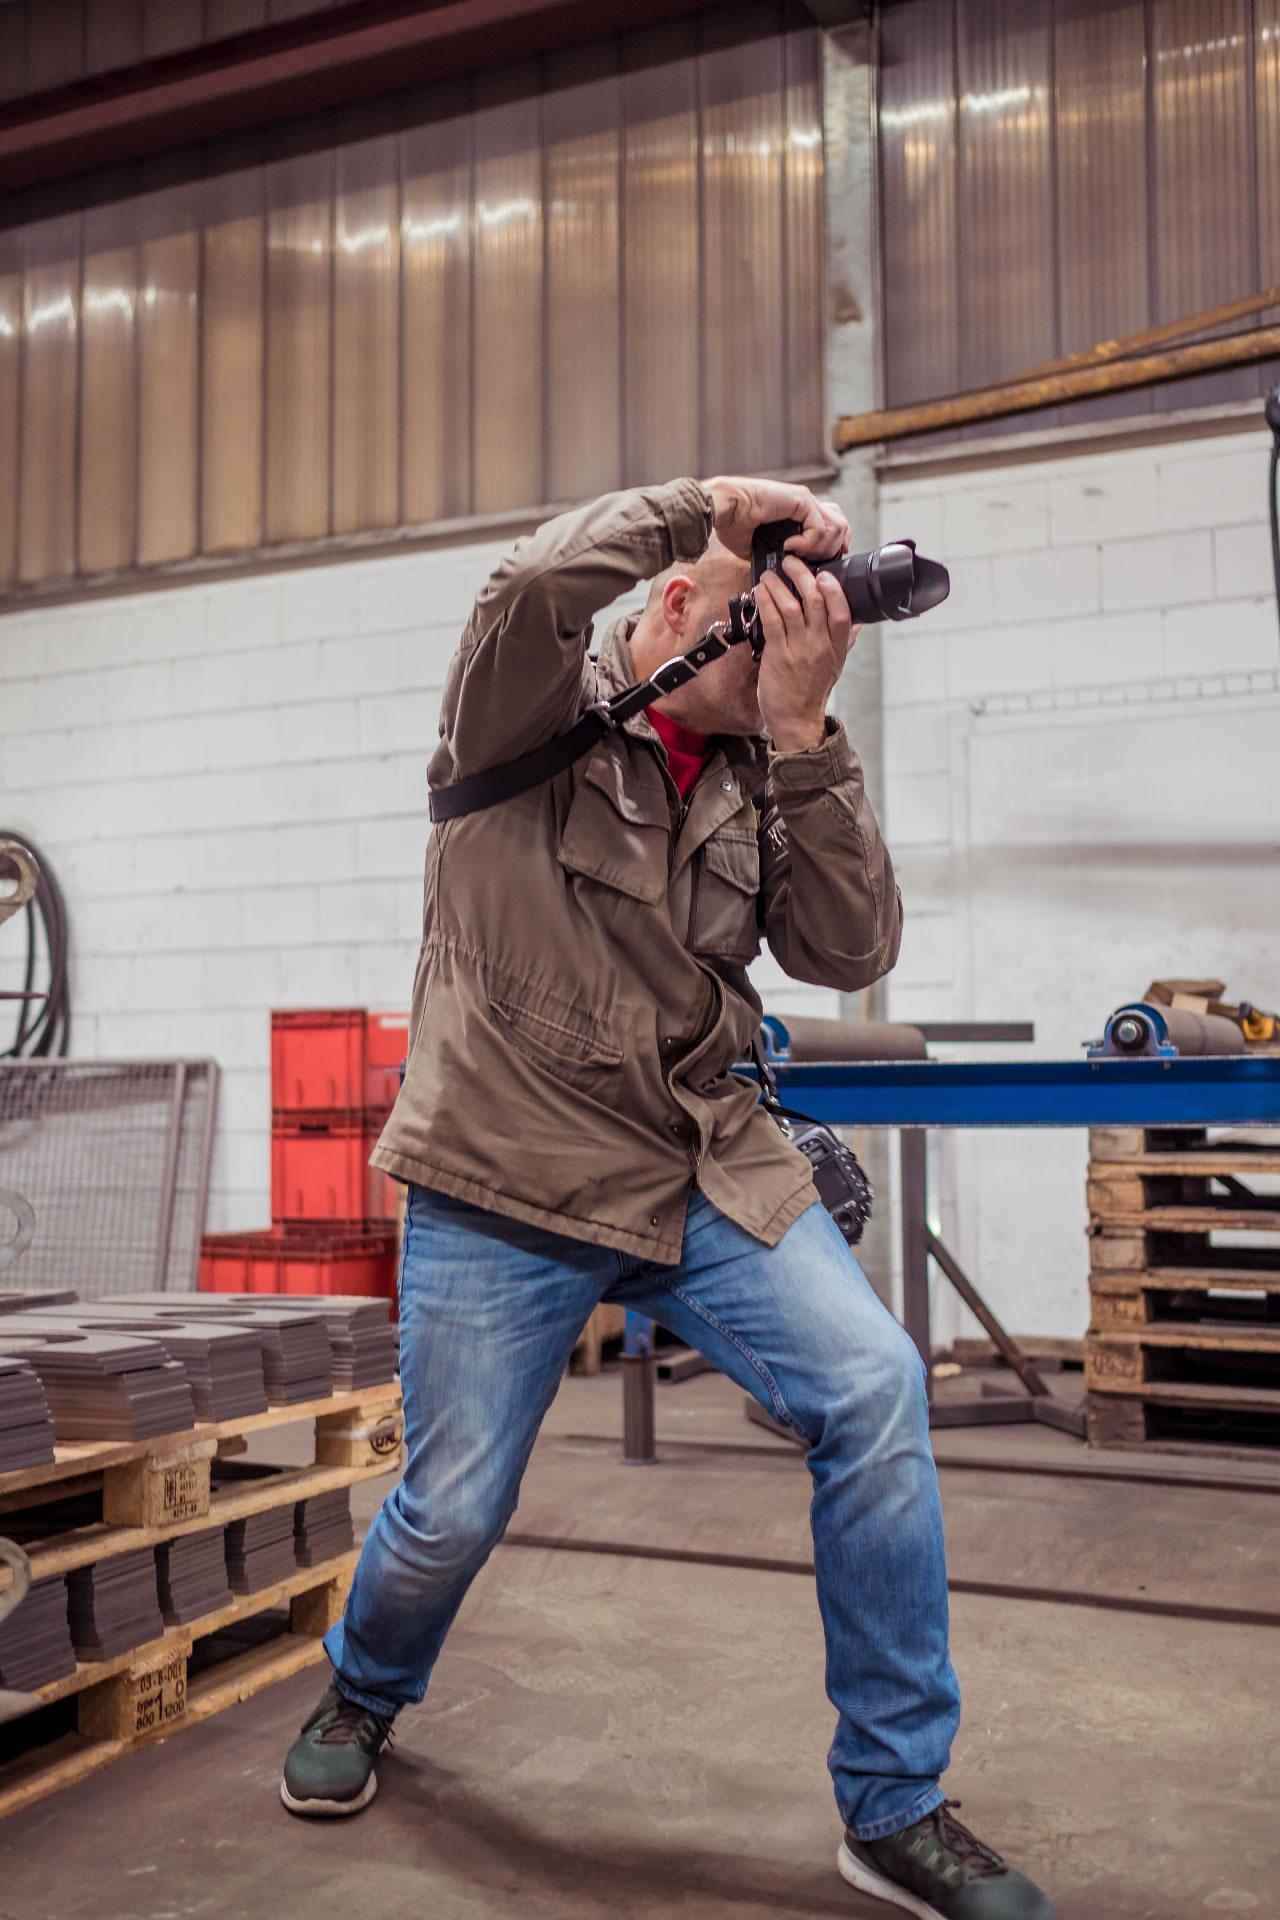 Fotograf Michael Barg im Einsatz bei Weber-Stahl in Großlittgen